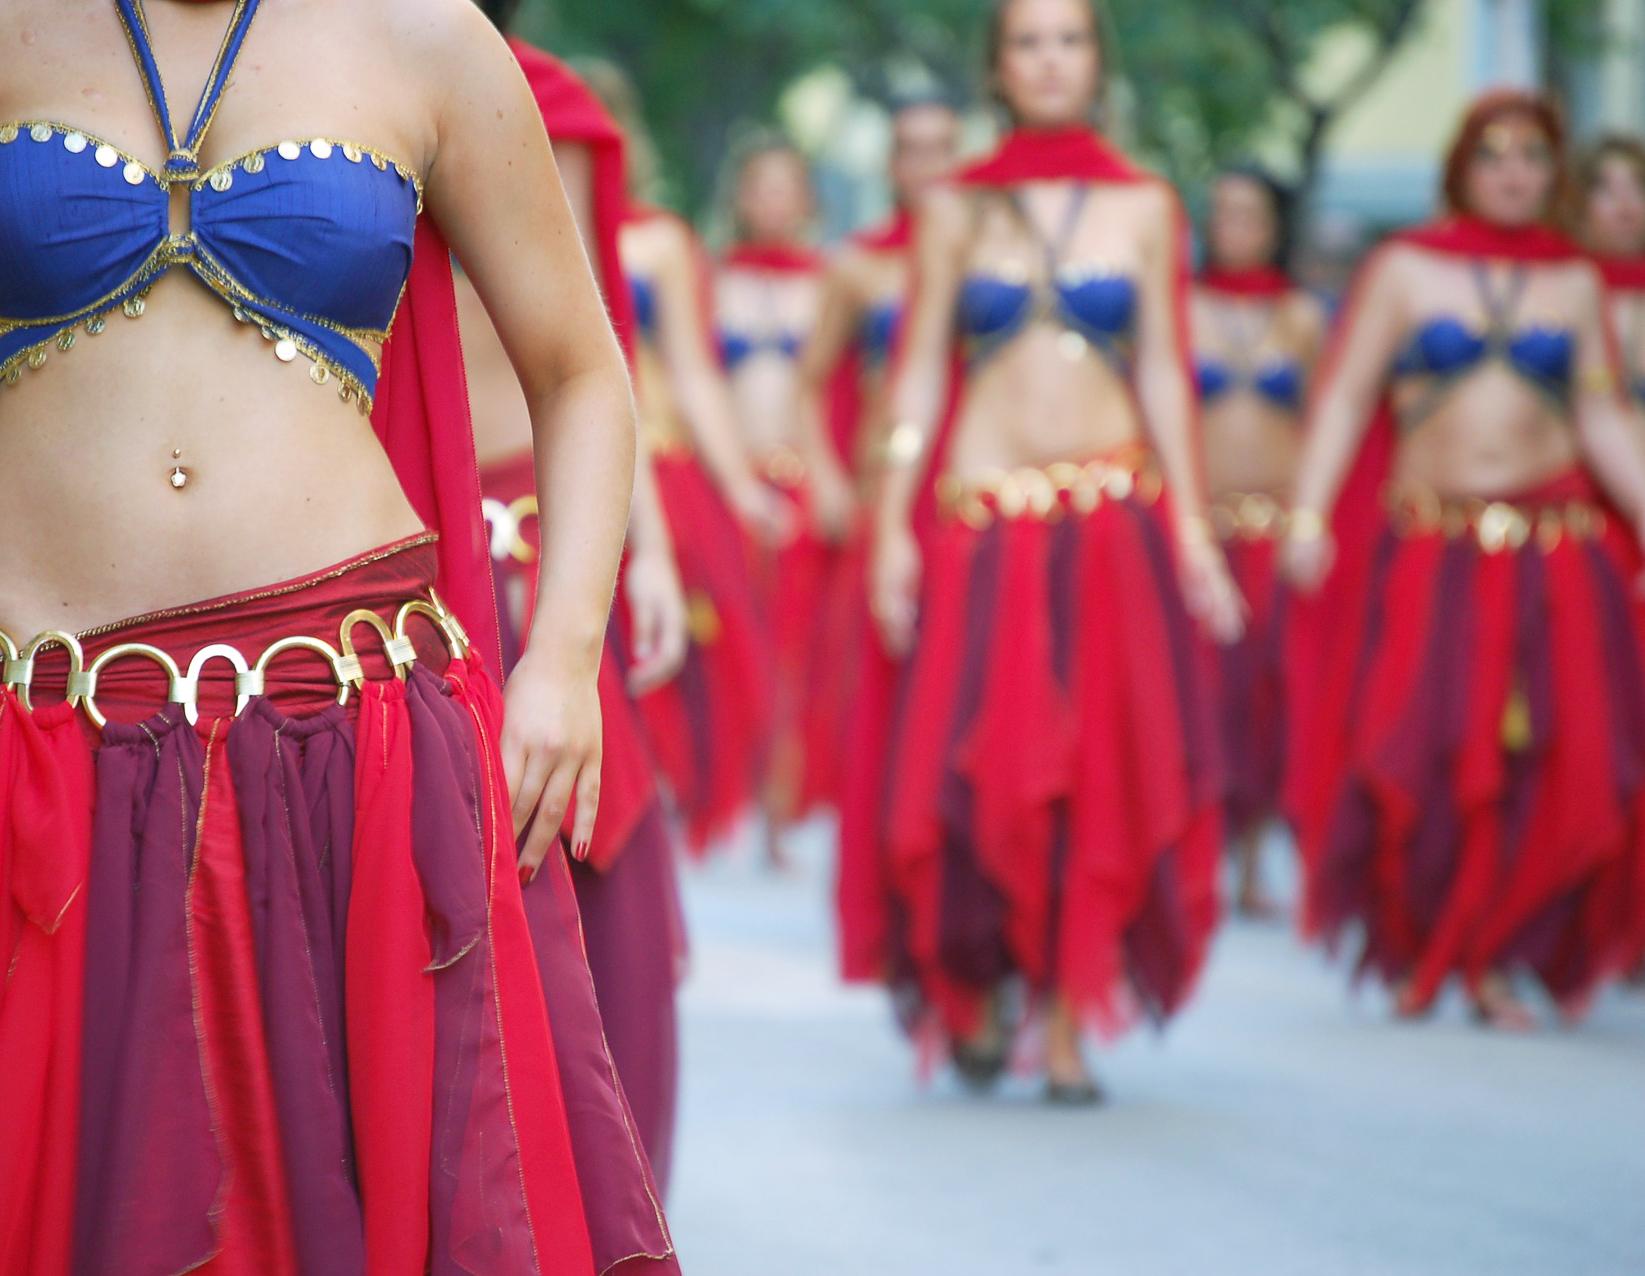 belly dancing2.jpg